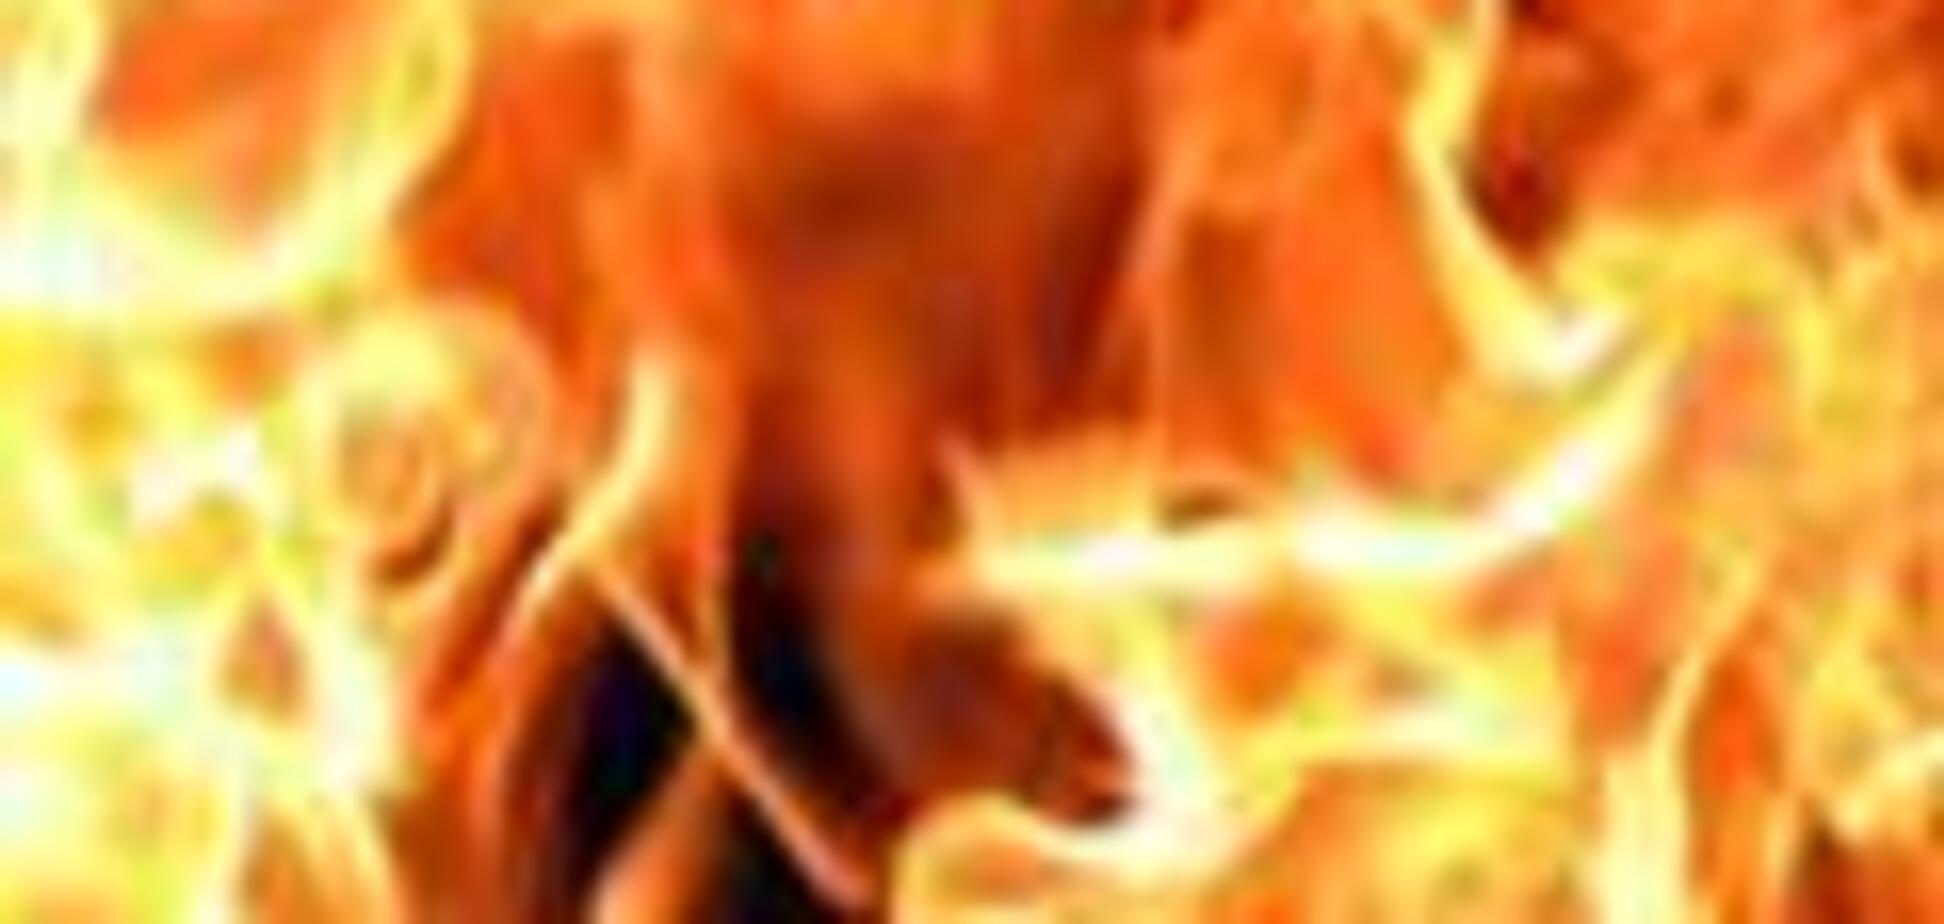 У Дніпропетровську двоє згоріли в ліжку від сигарет